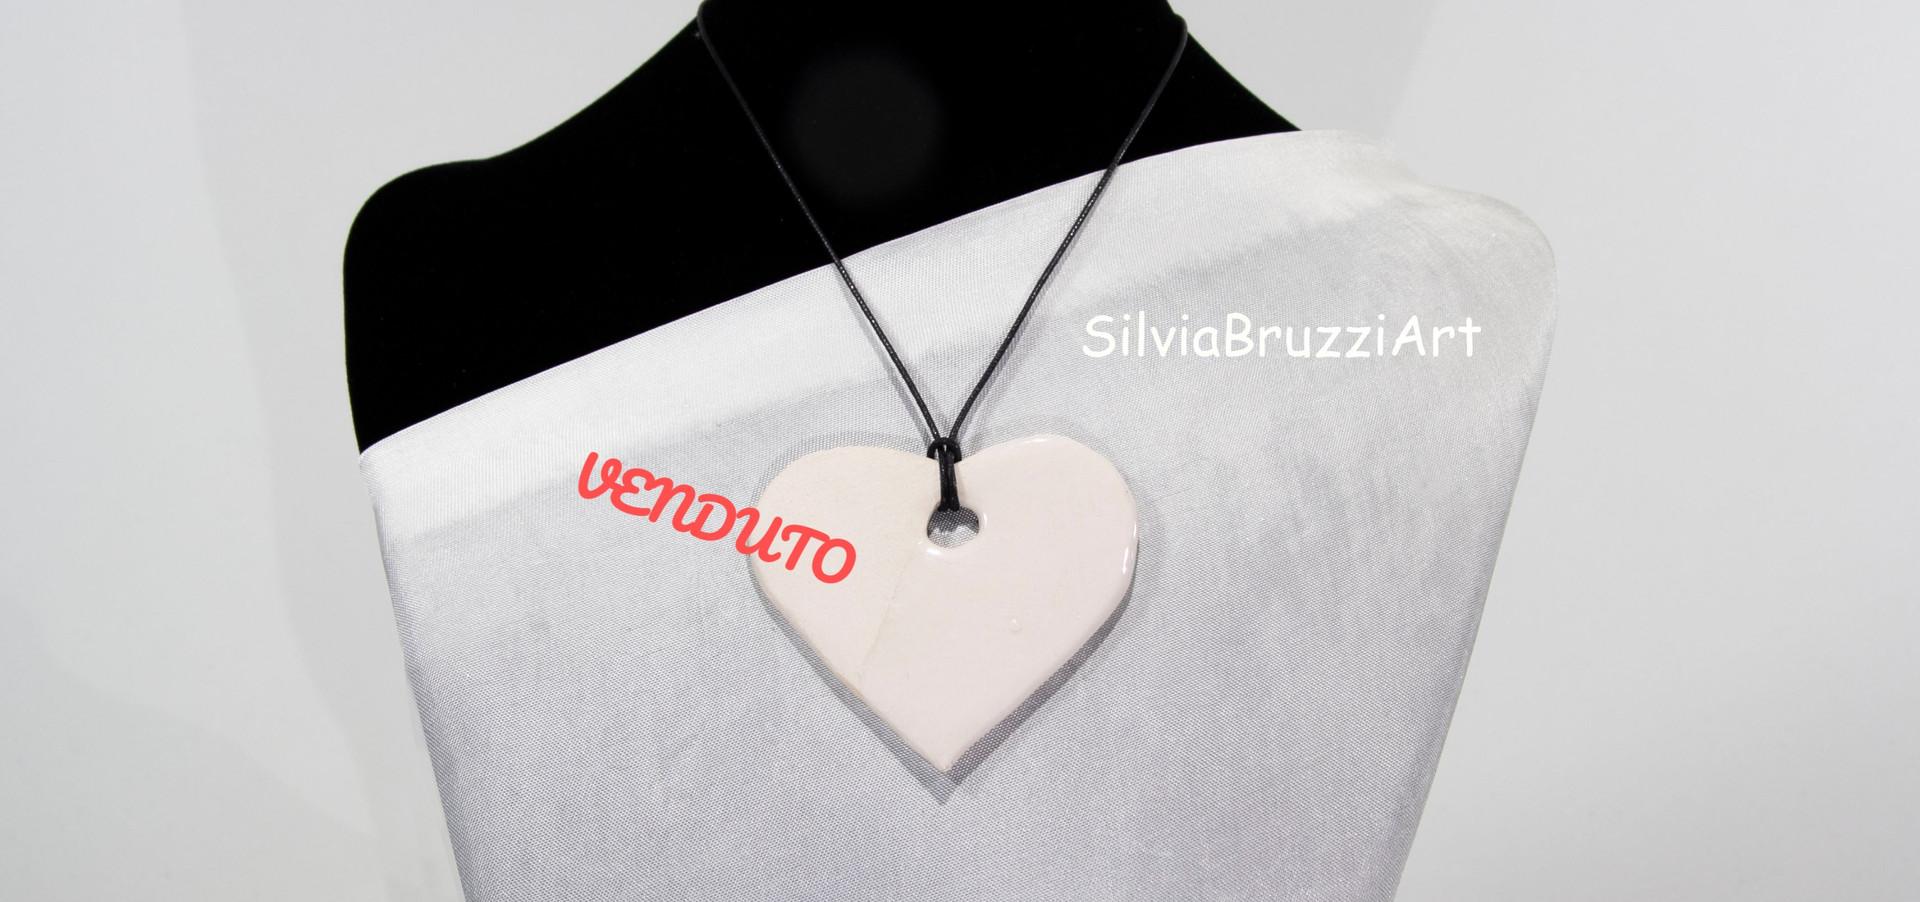 cuore ceramica bianca